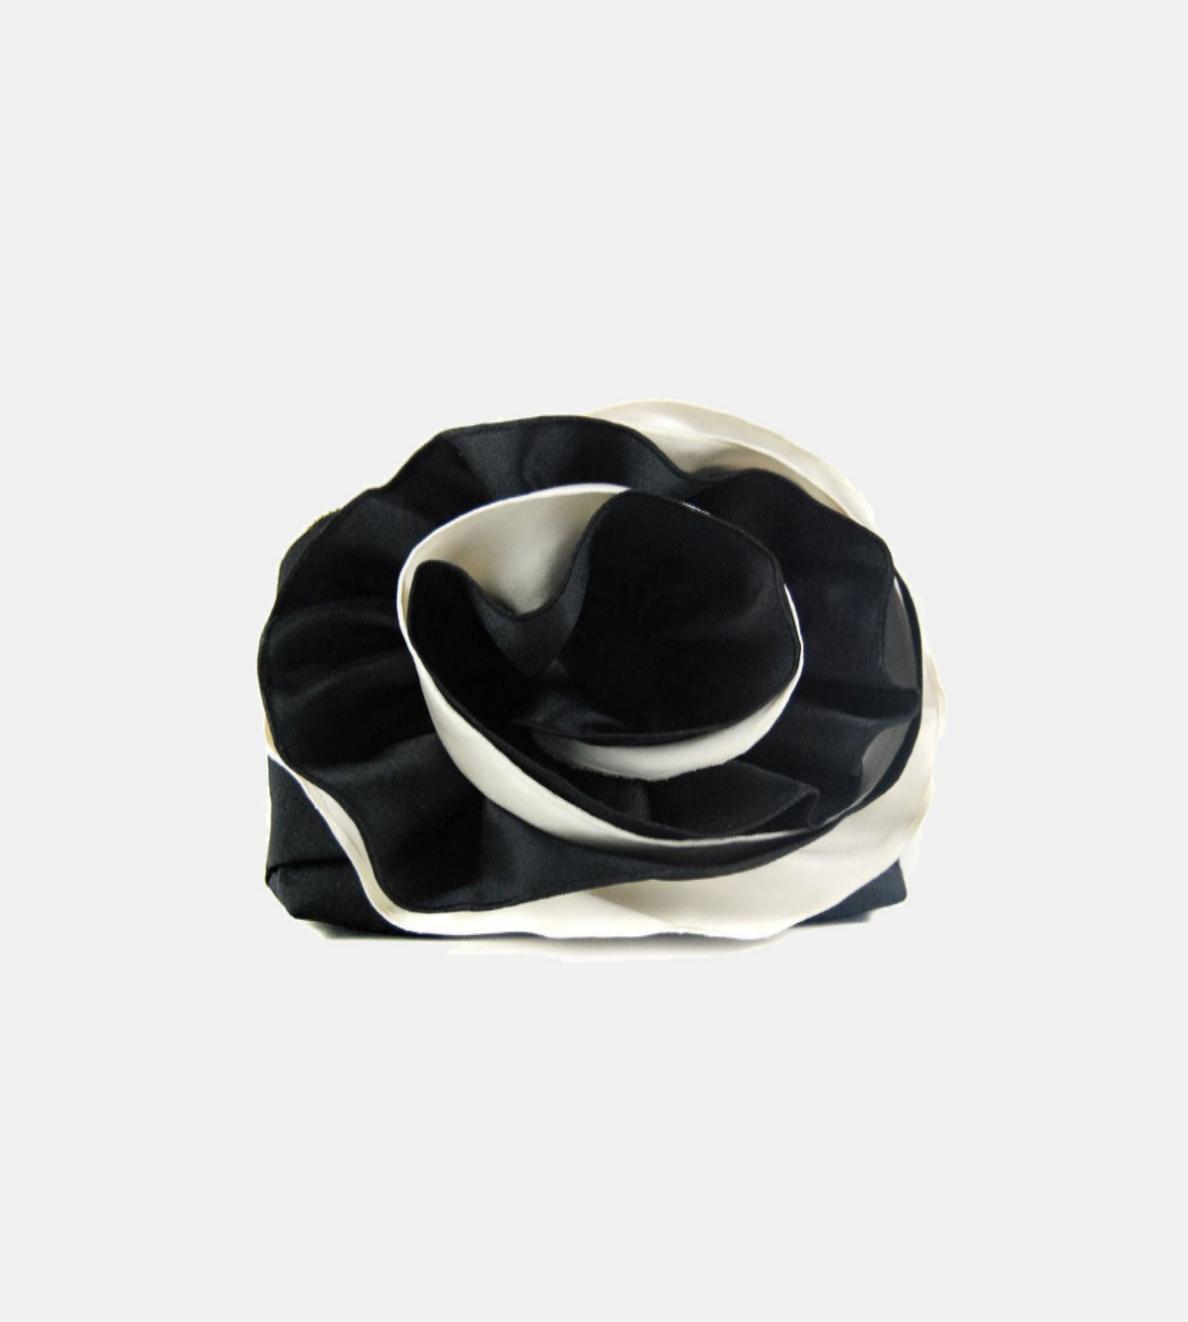 Pulseta Rose de Celina Martín. En Es Fascinante (96 euros)